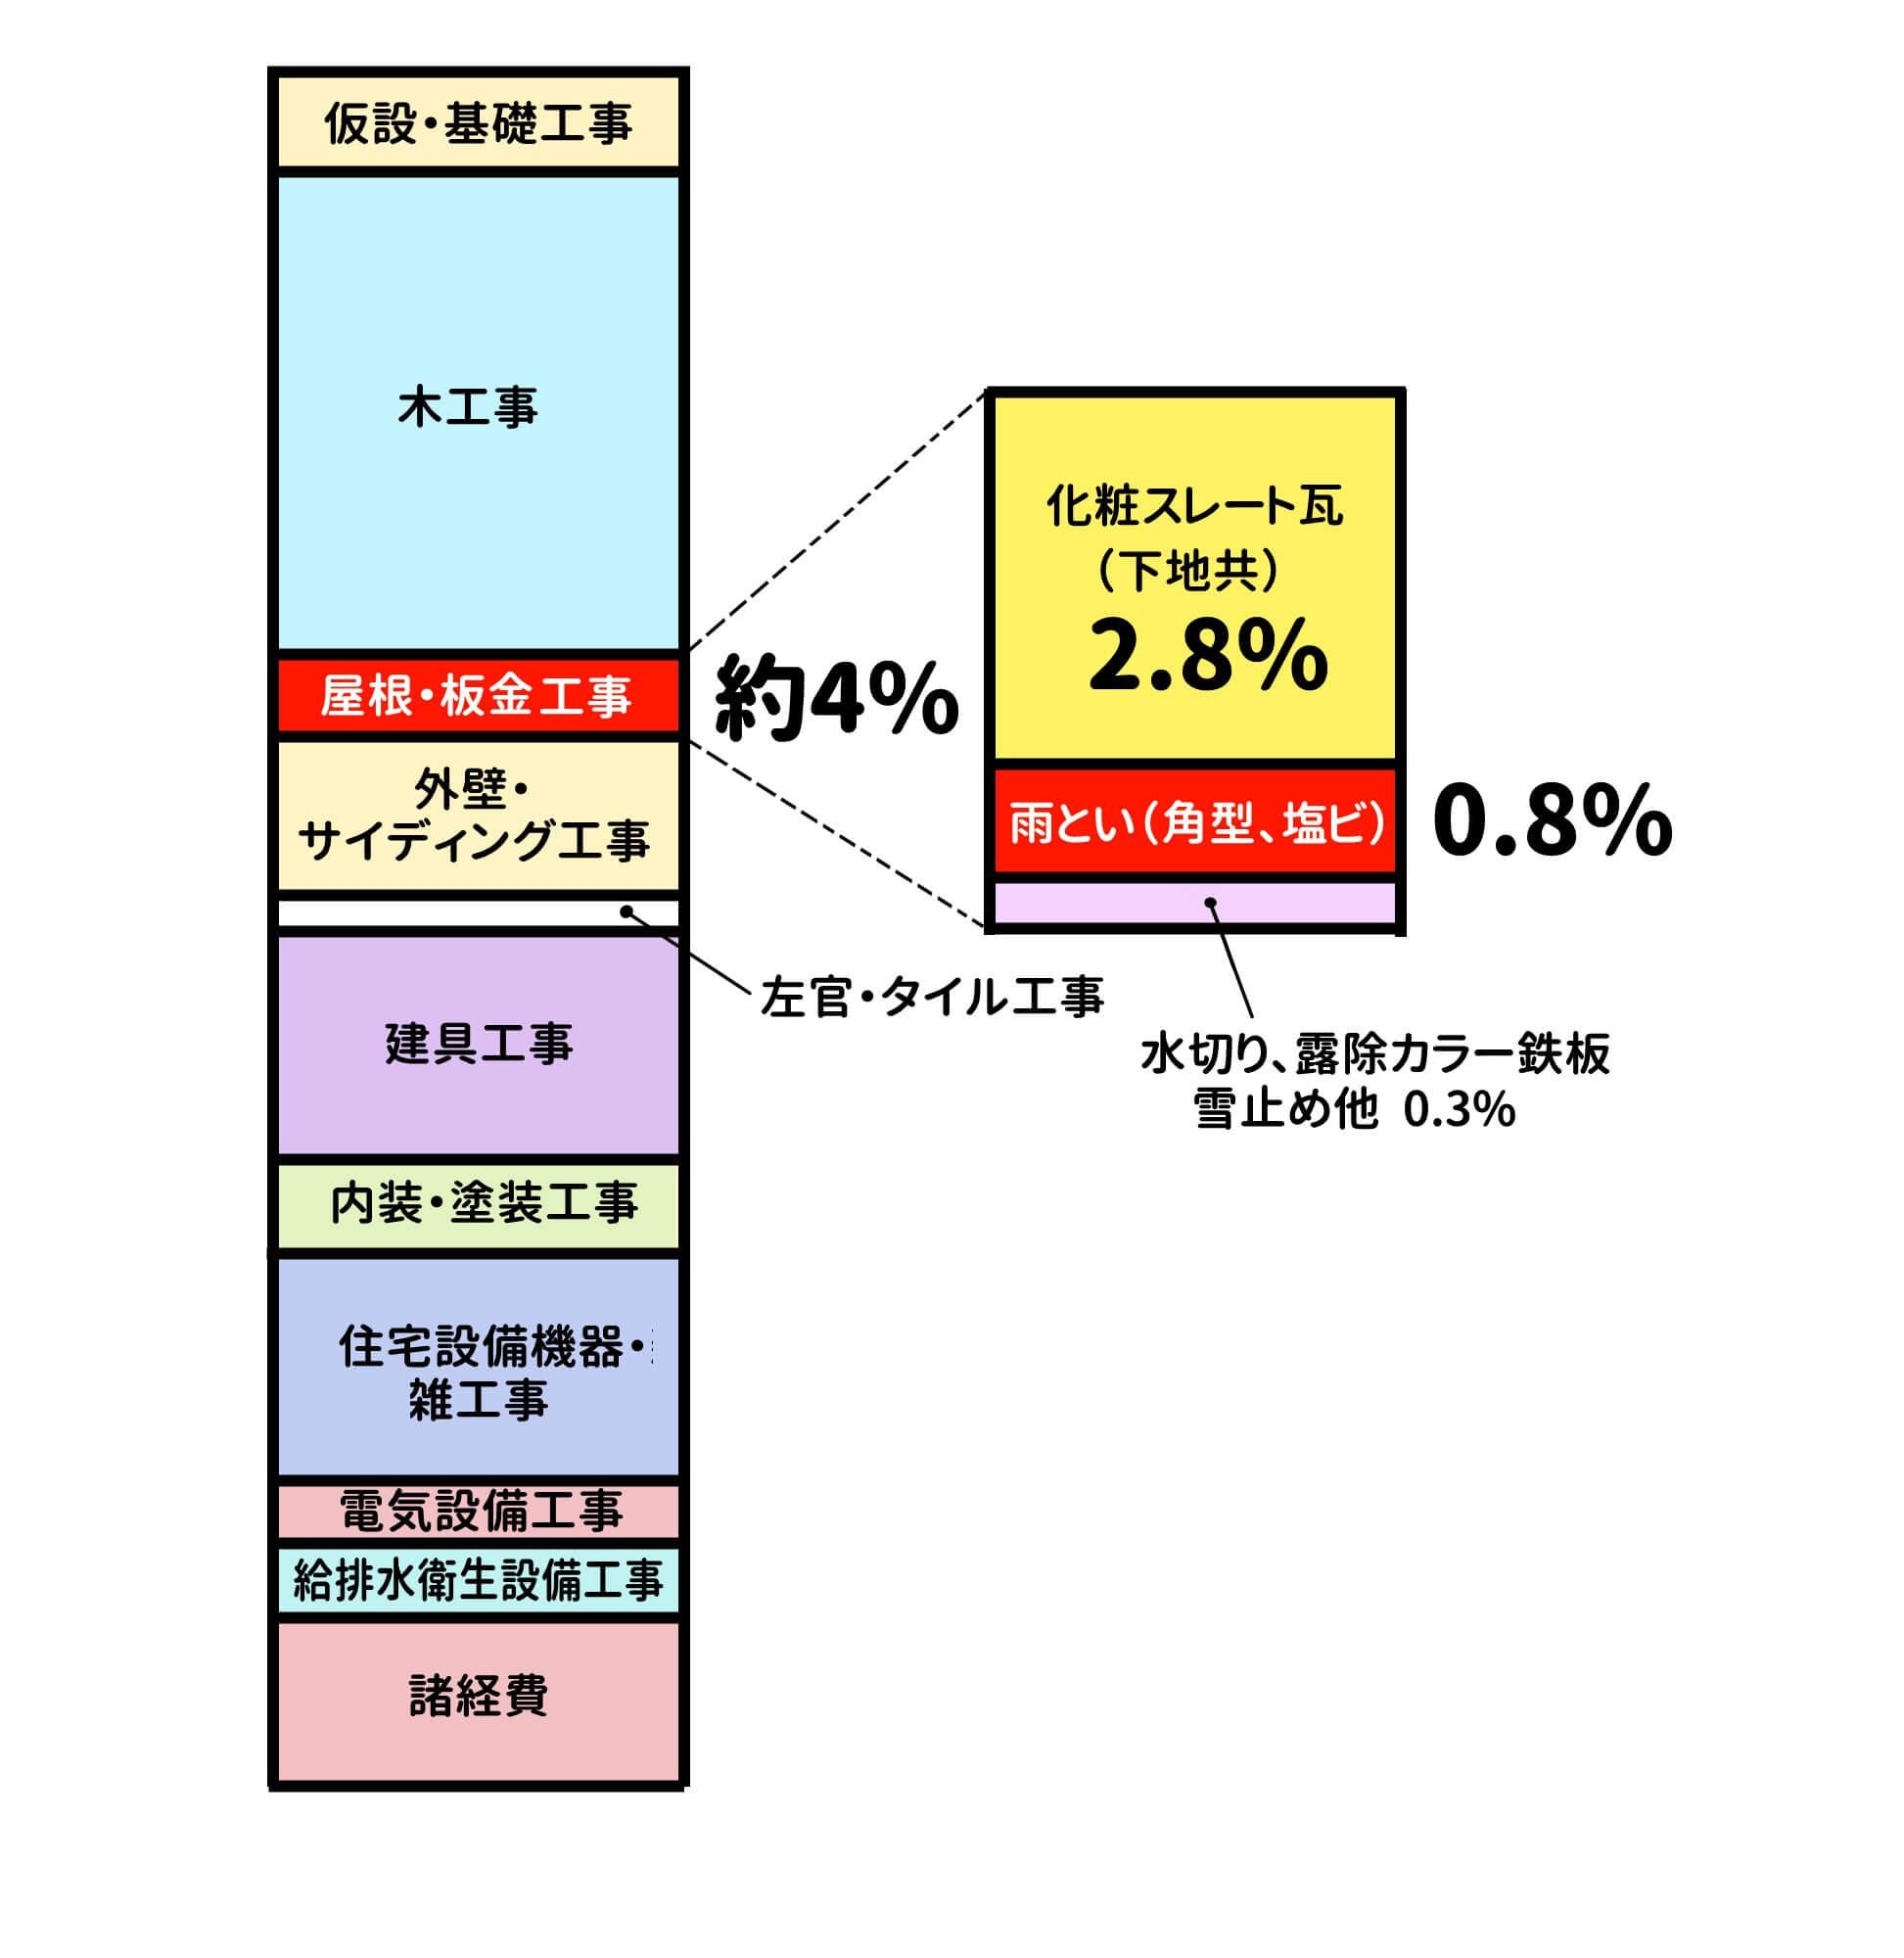 新築住宅における工事費の内訳